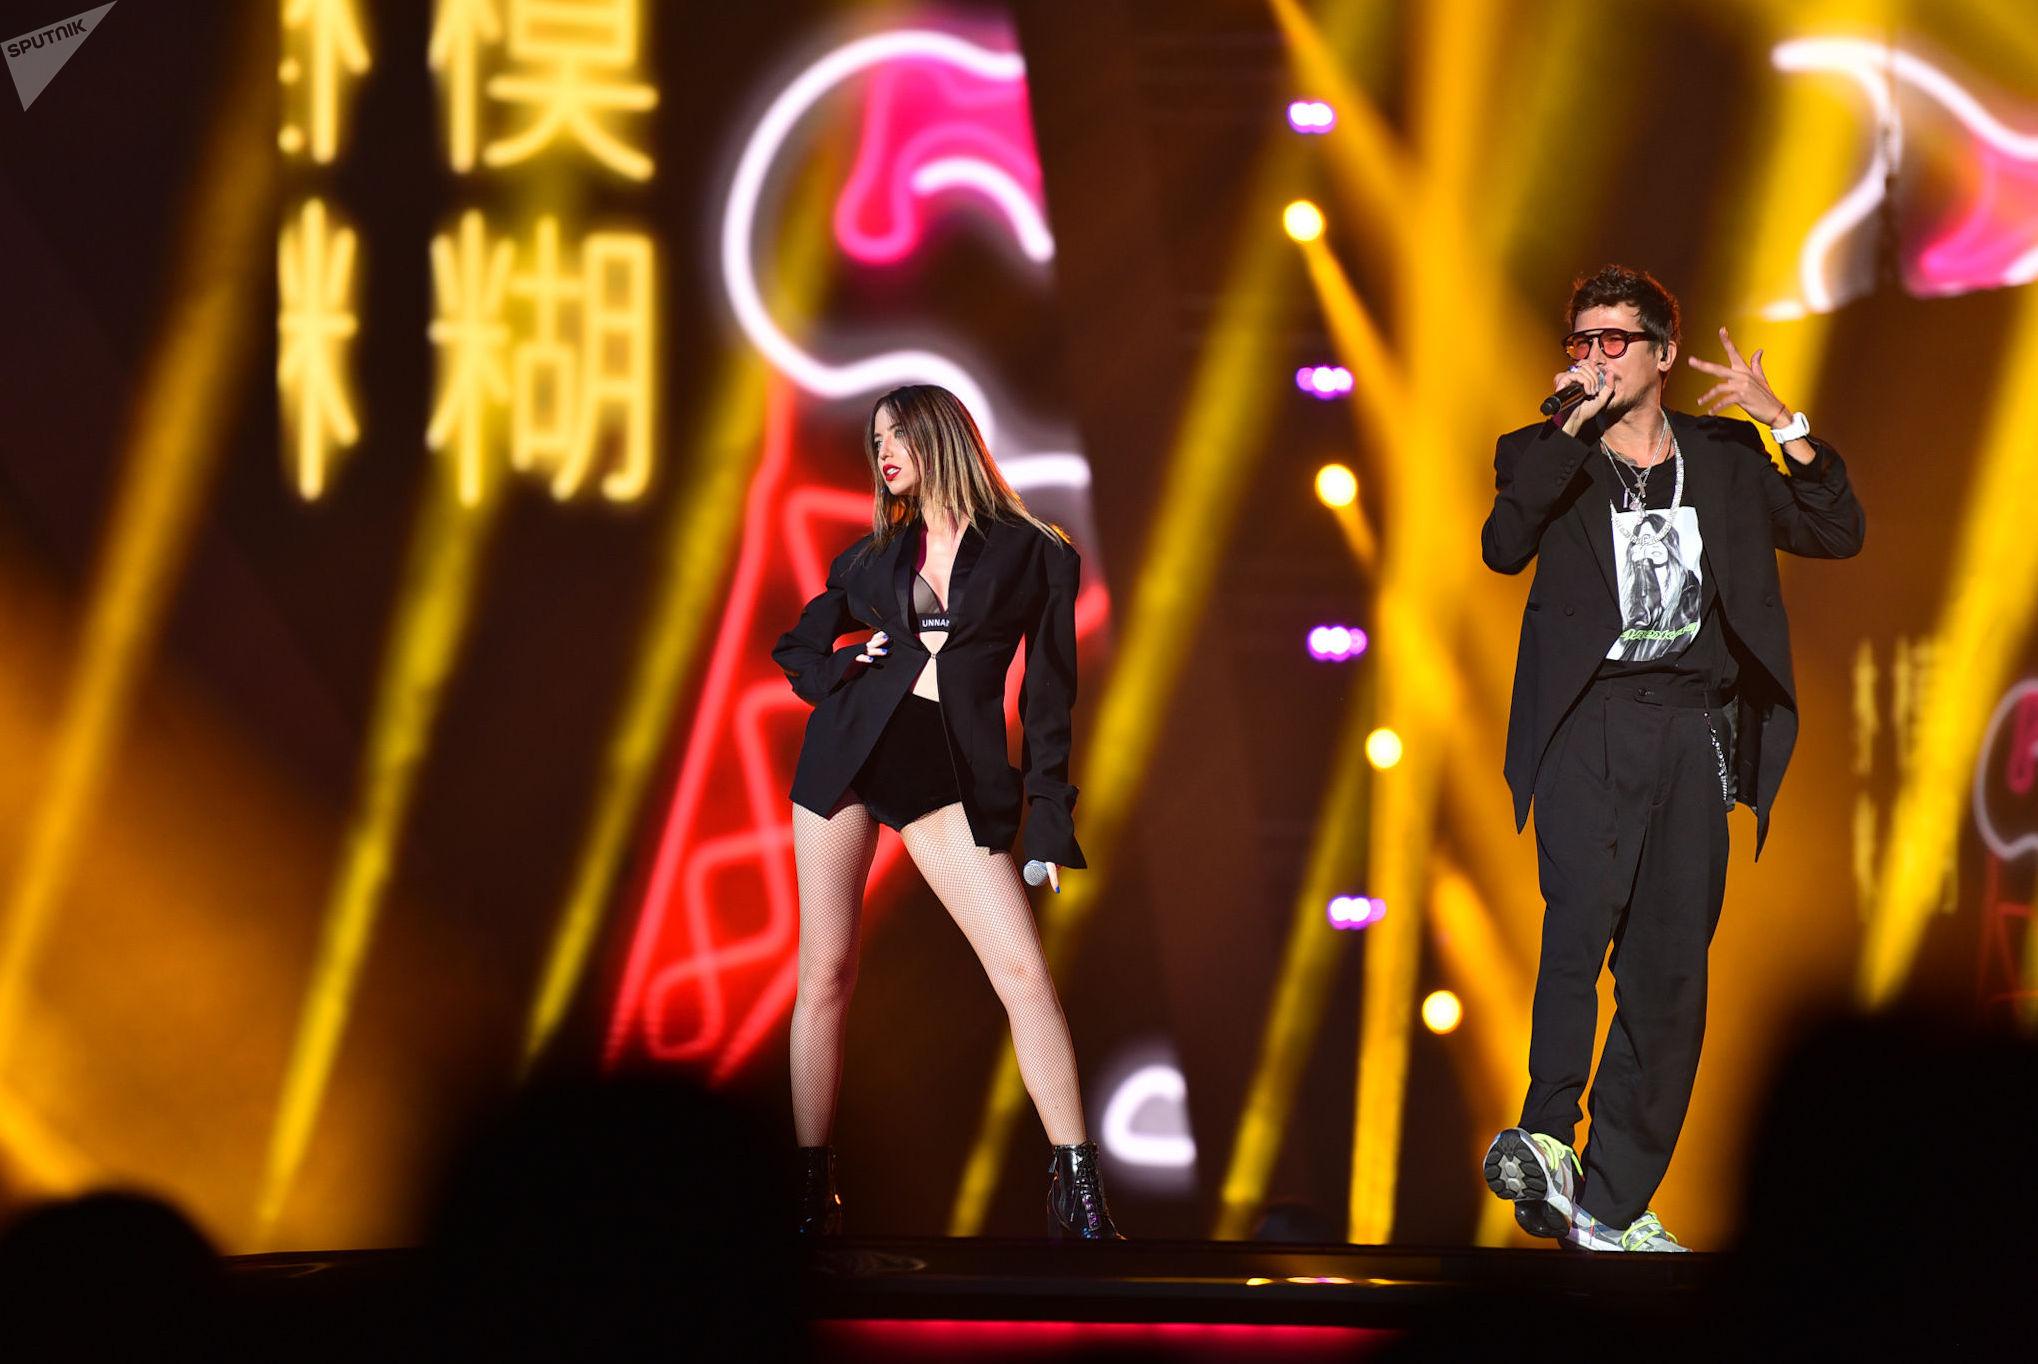 Участники группы Время и Стекло высоко оценили организацию фестиваля Nur-Sultan Music Awards 2019